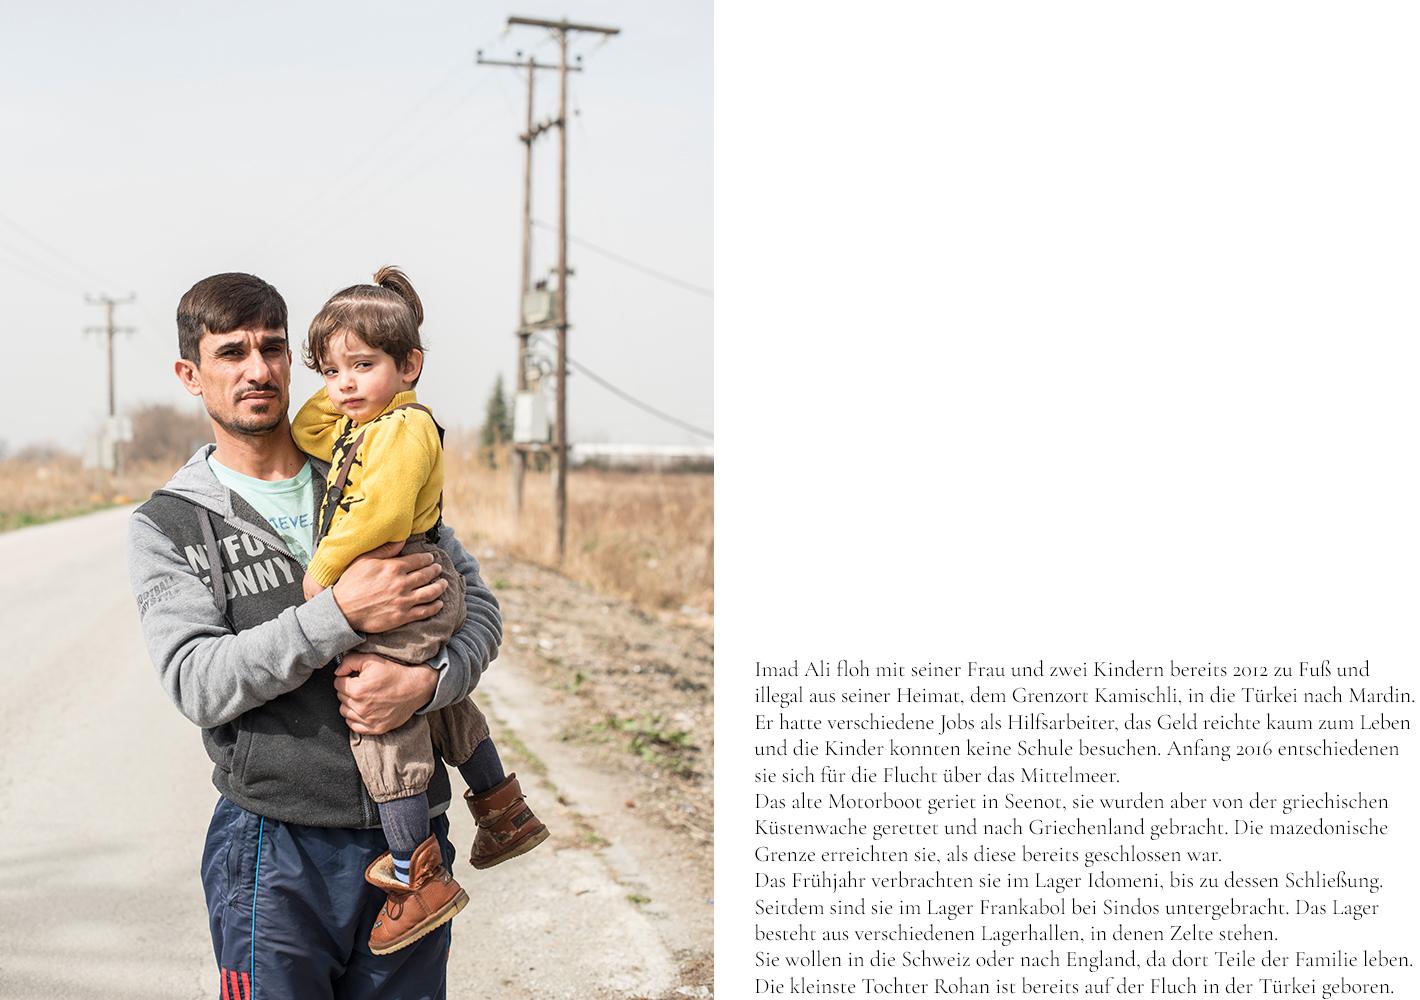 thessaloniki_refugee_syrienkrieg_matthias_jung_01